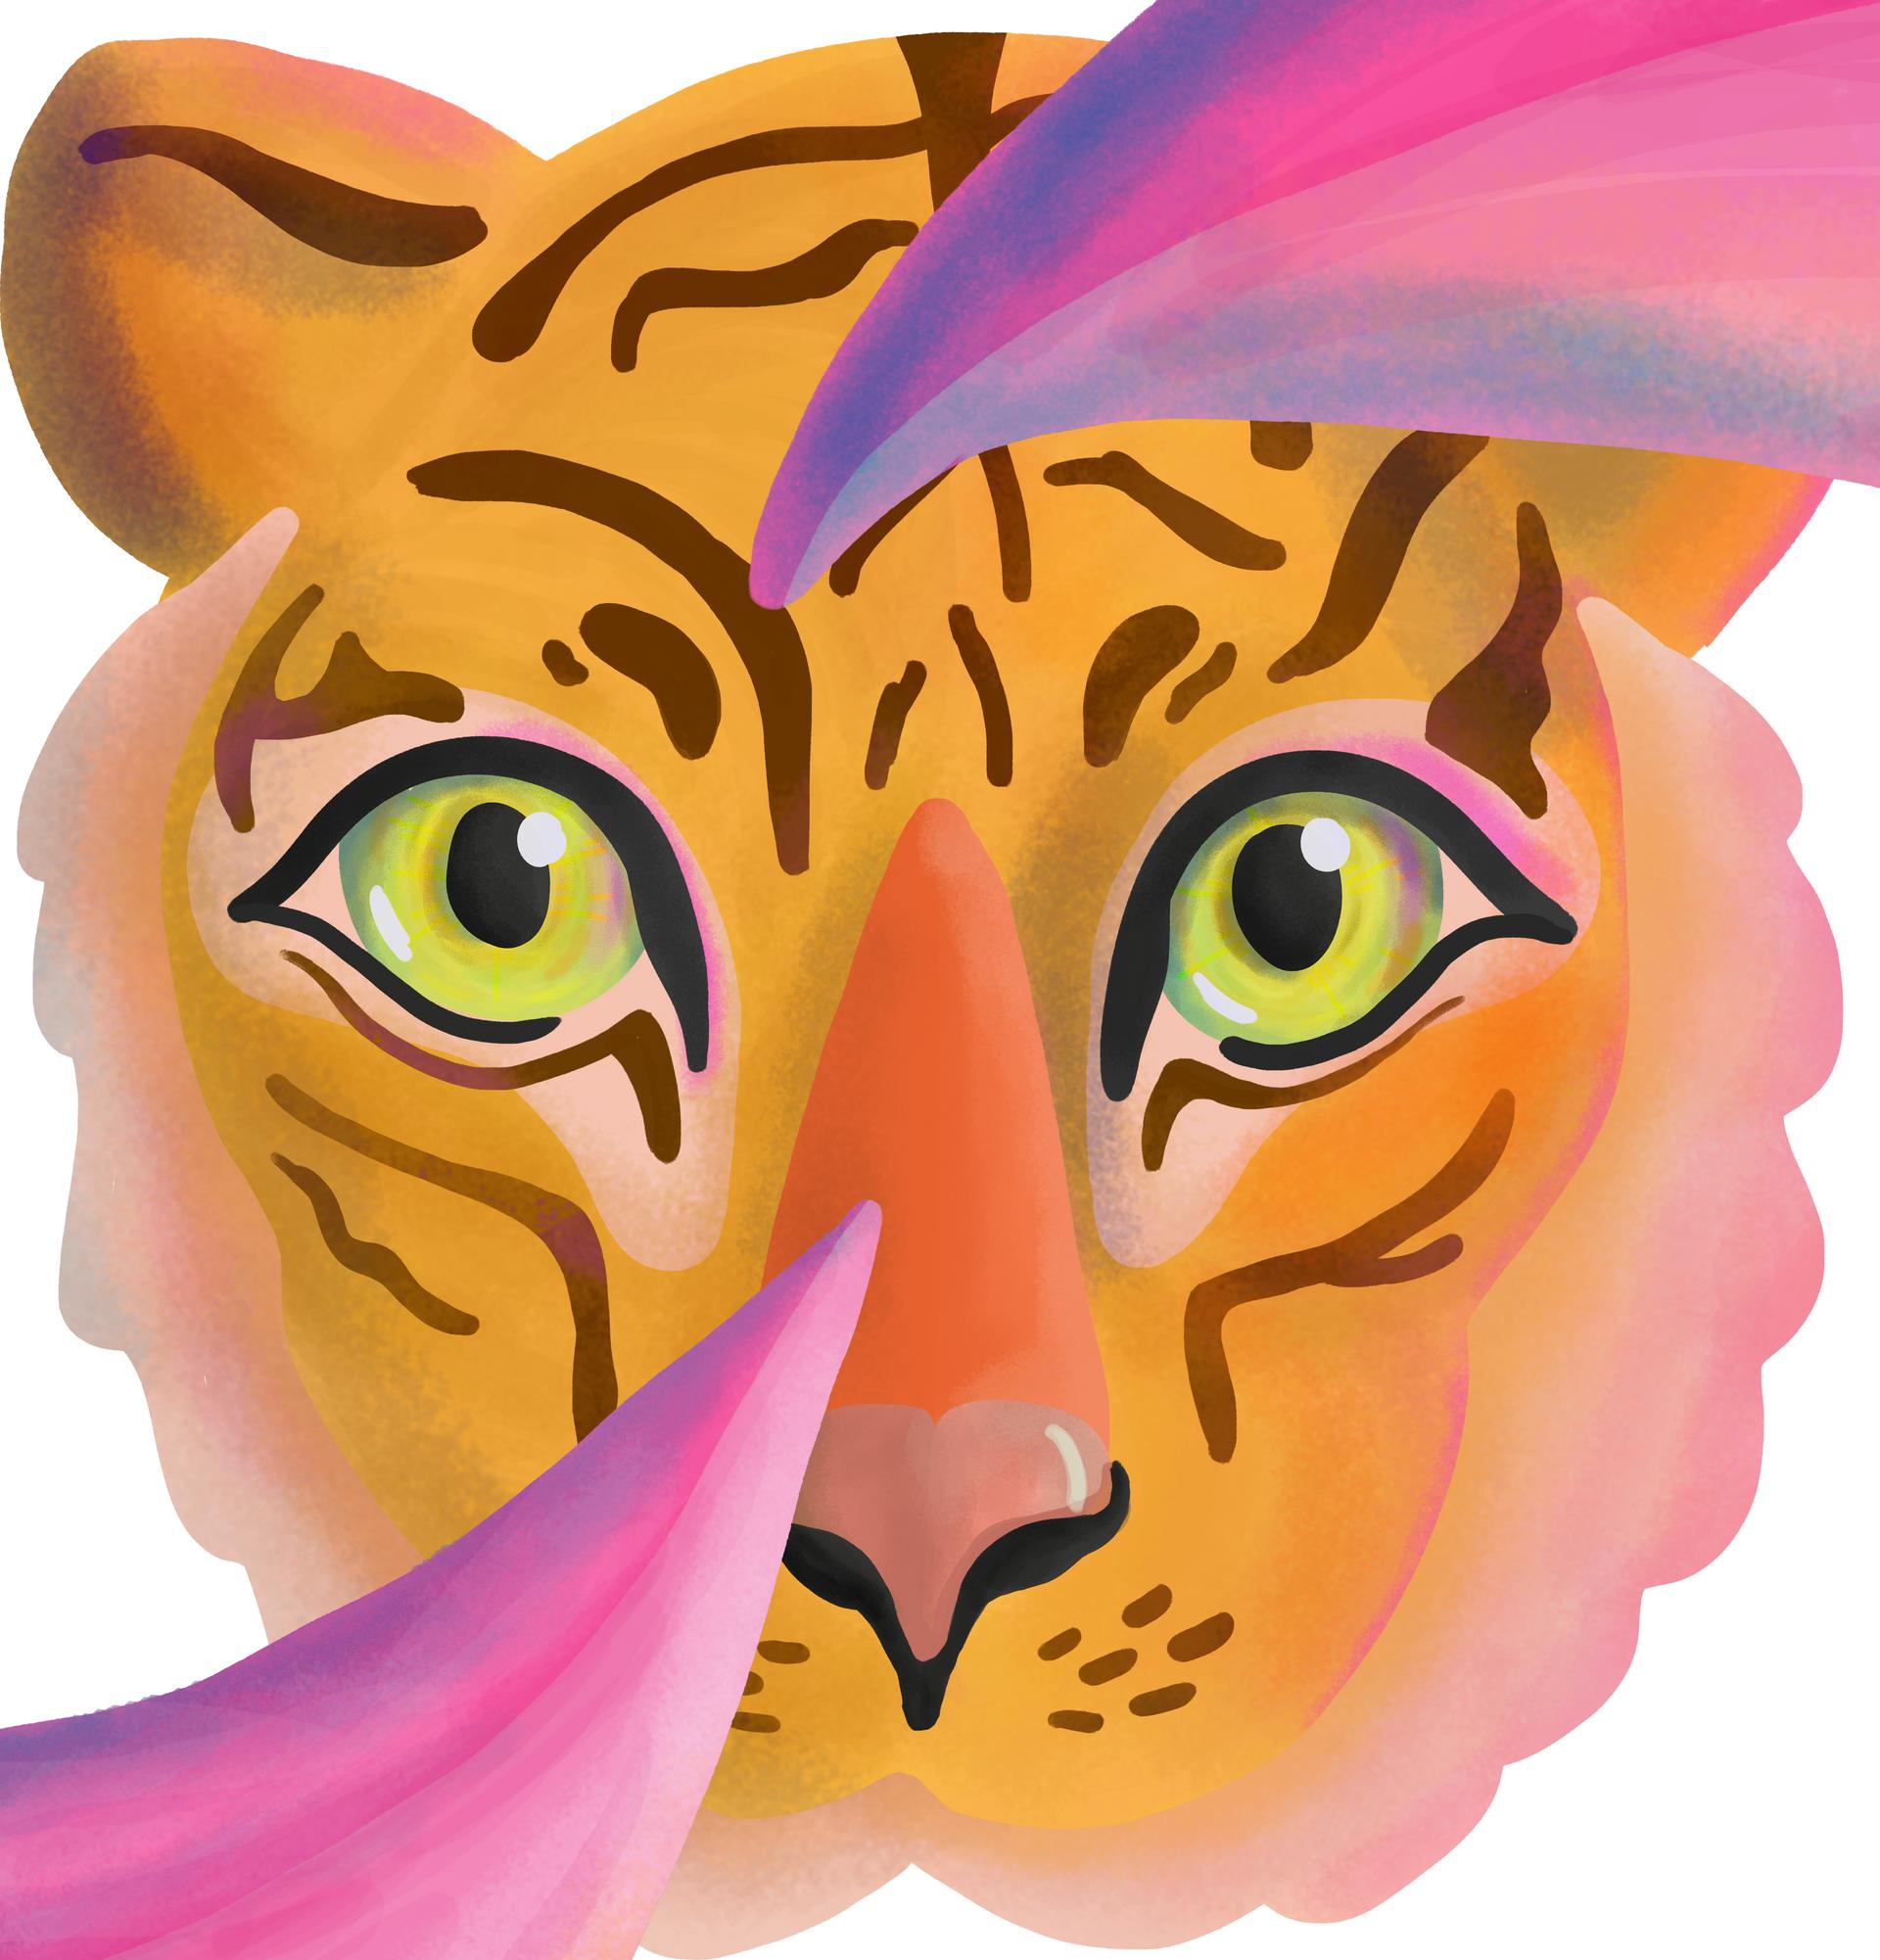 Tiger Head Spot Illustration